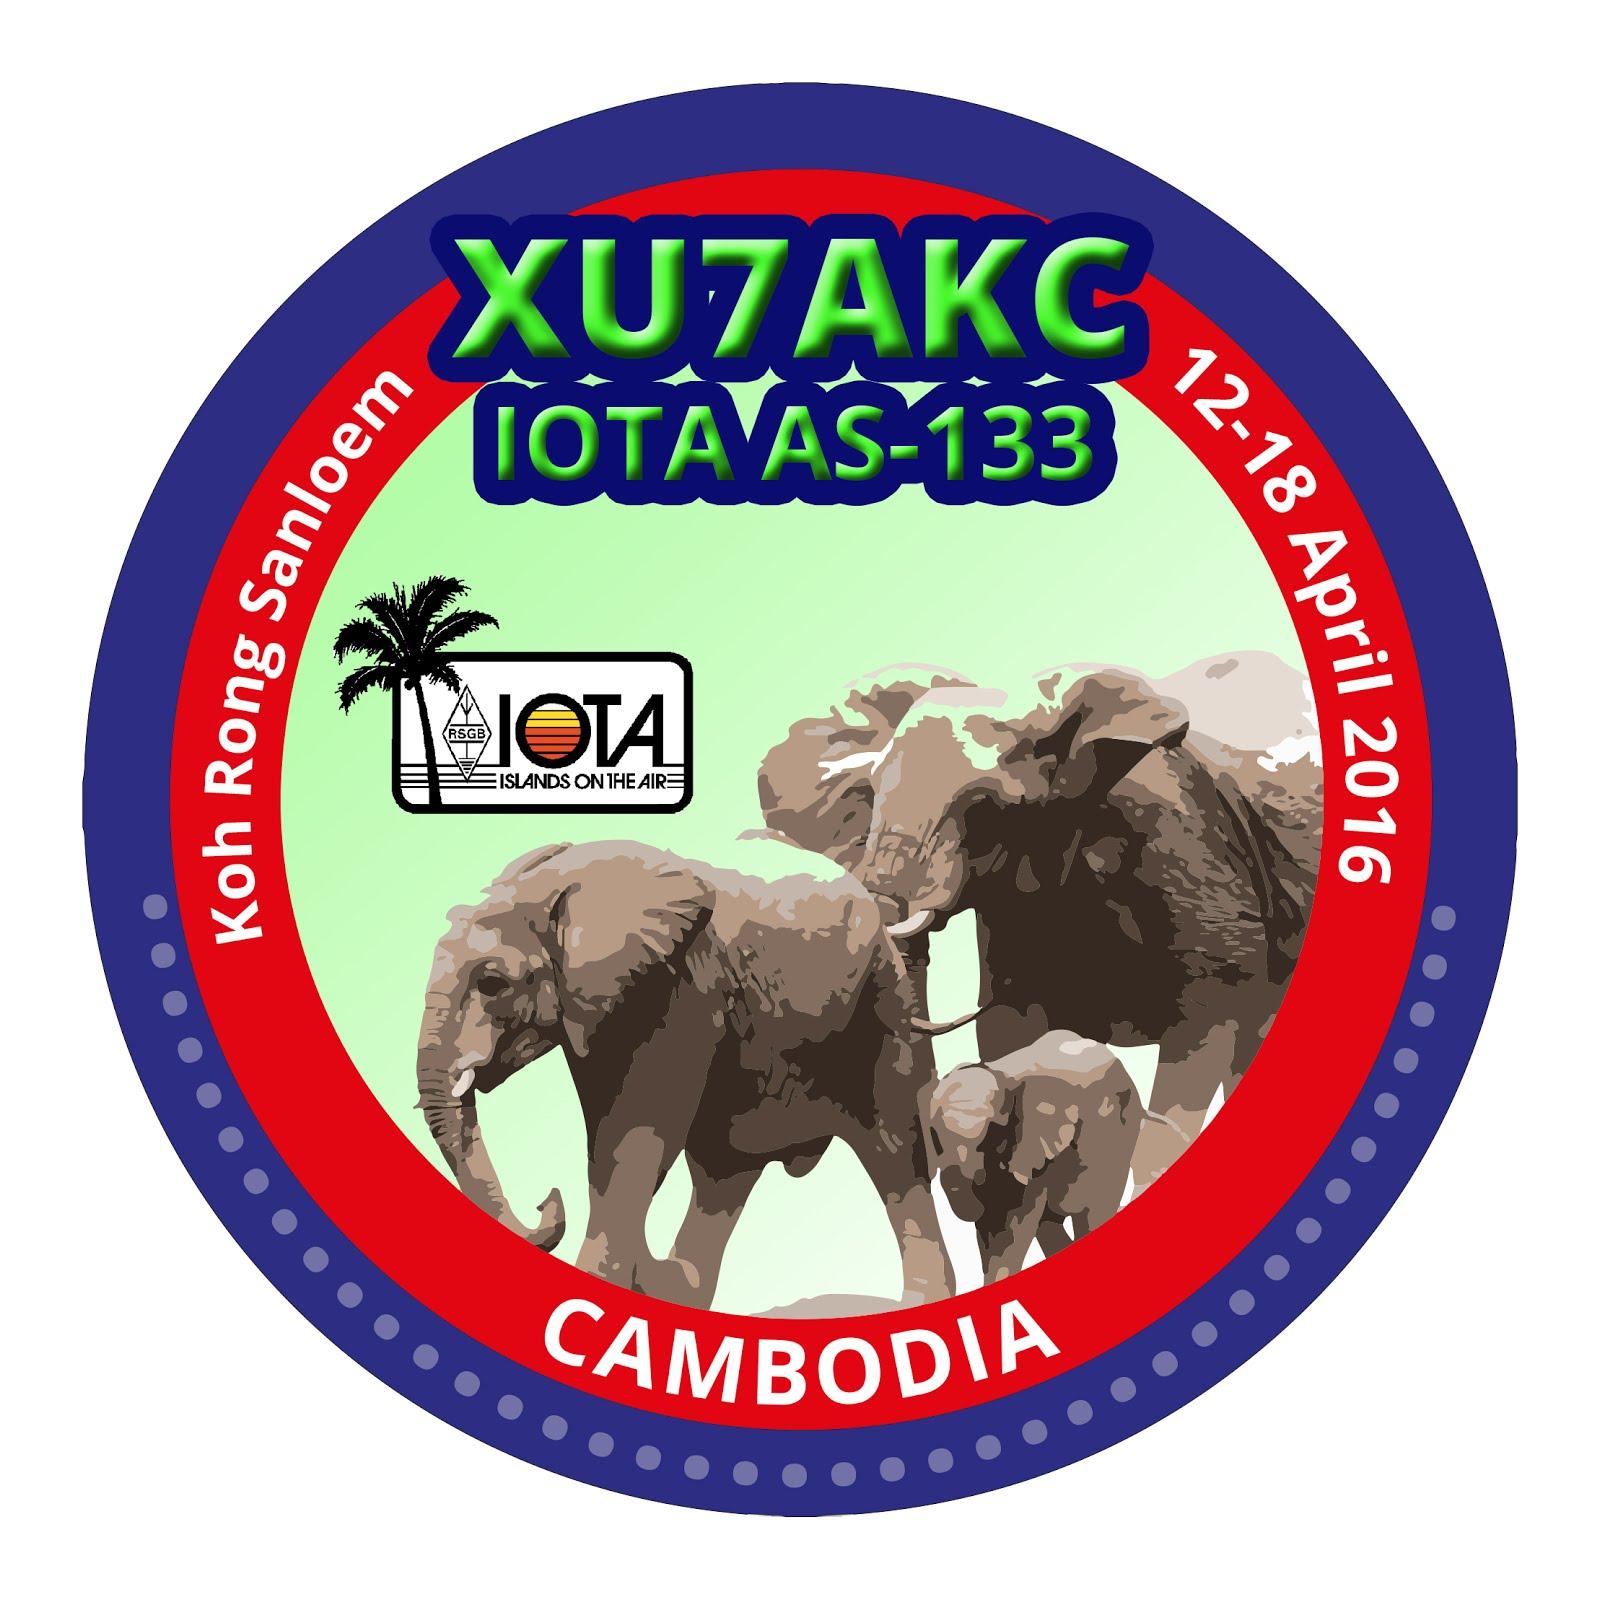 XU7AKC